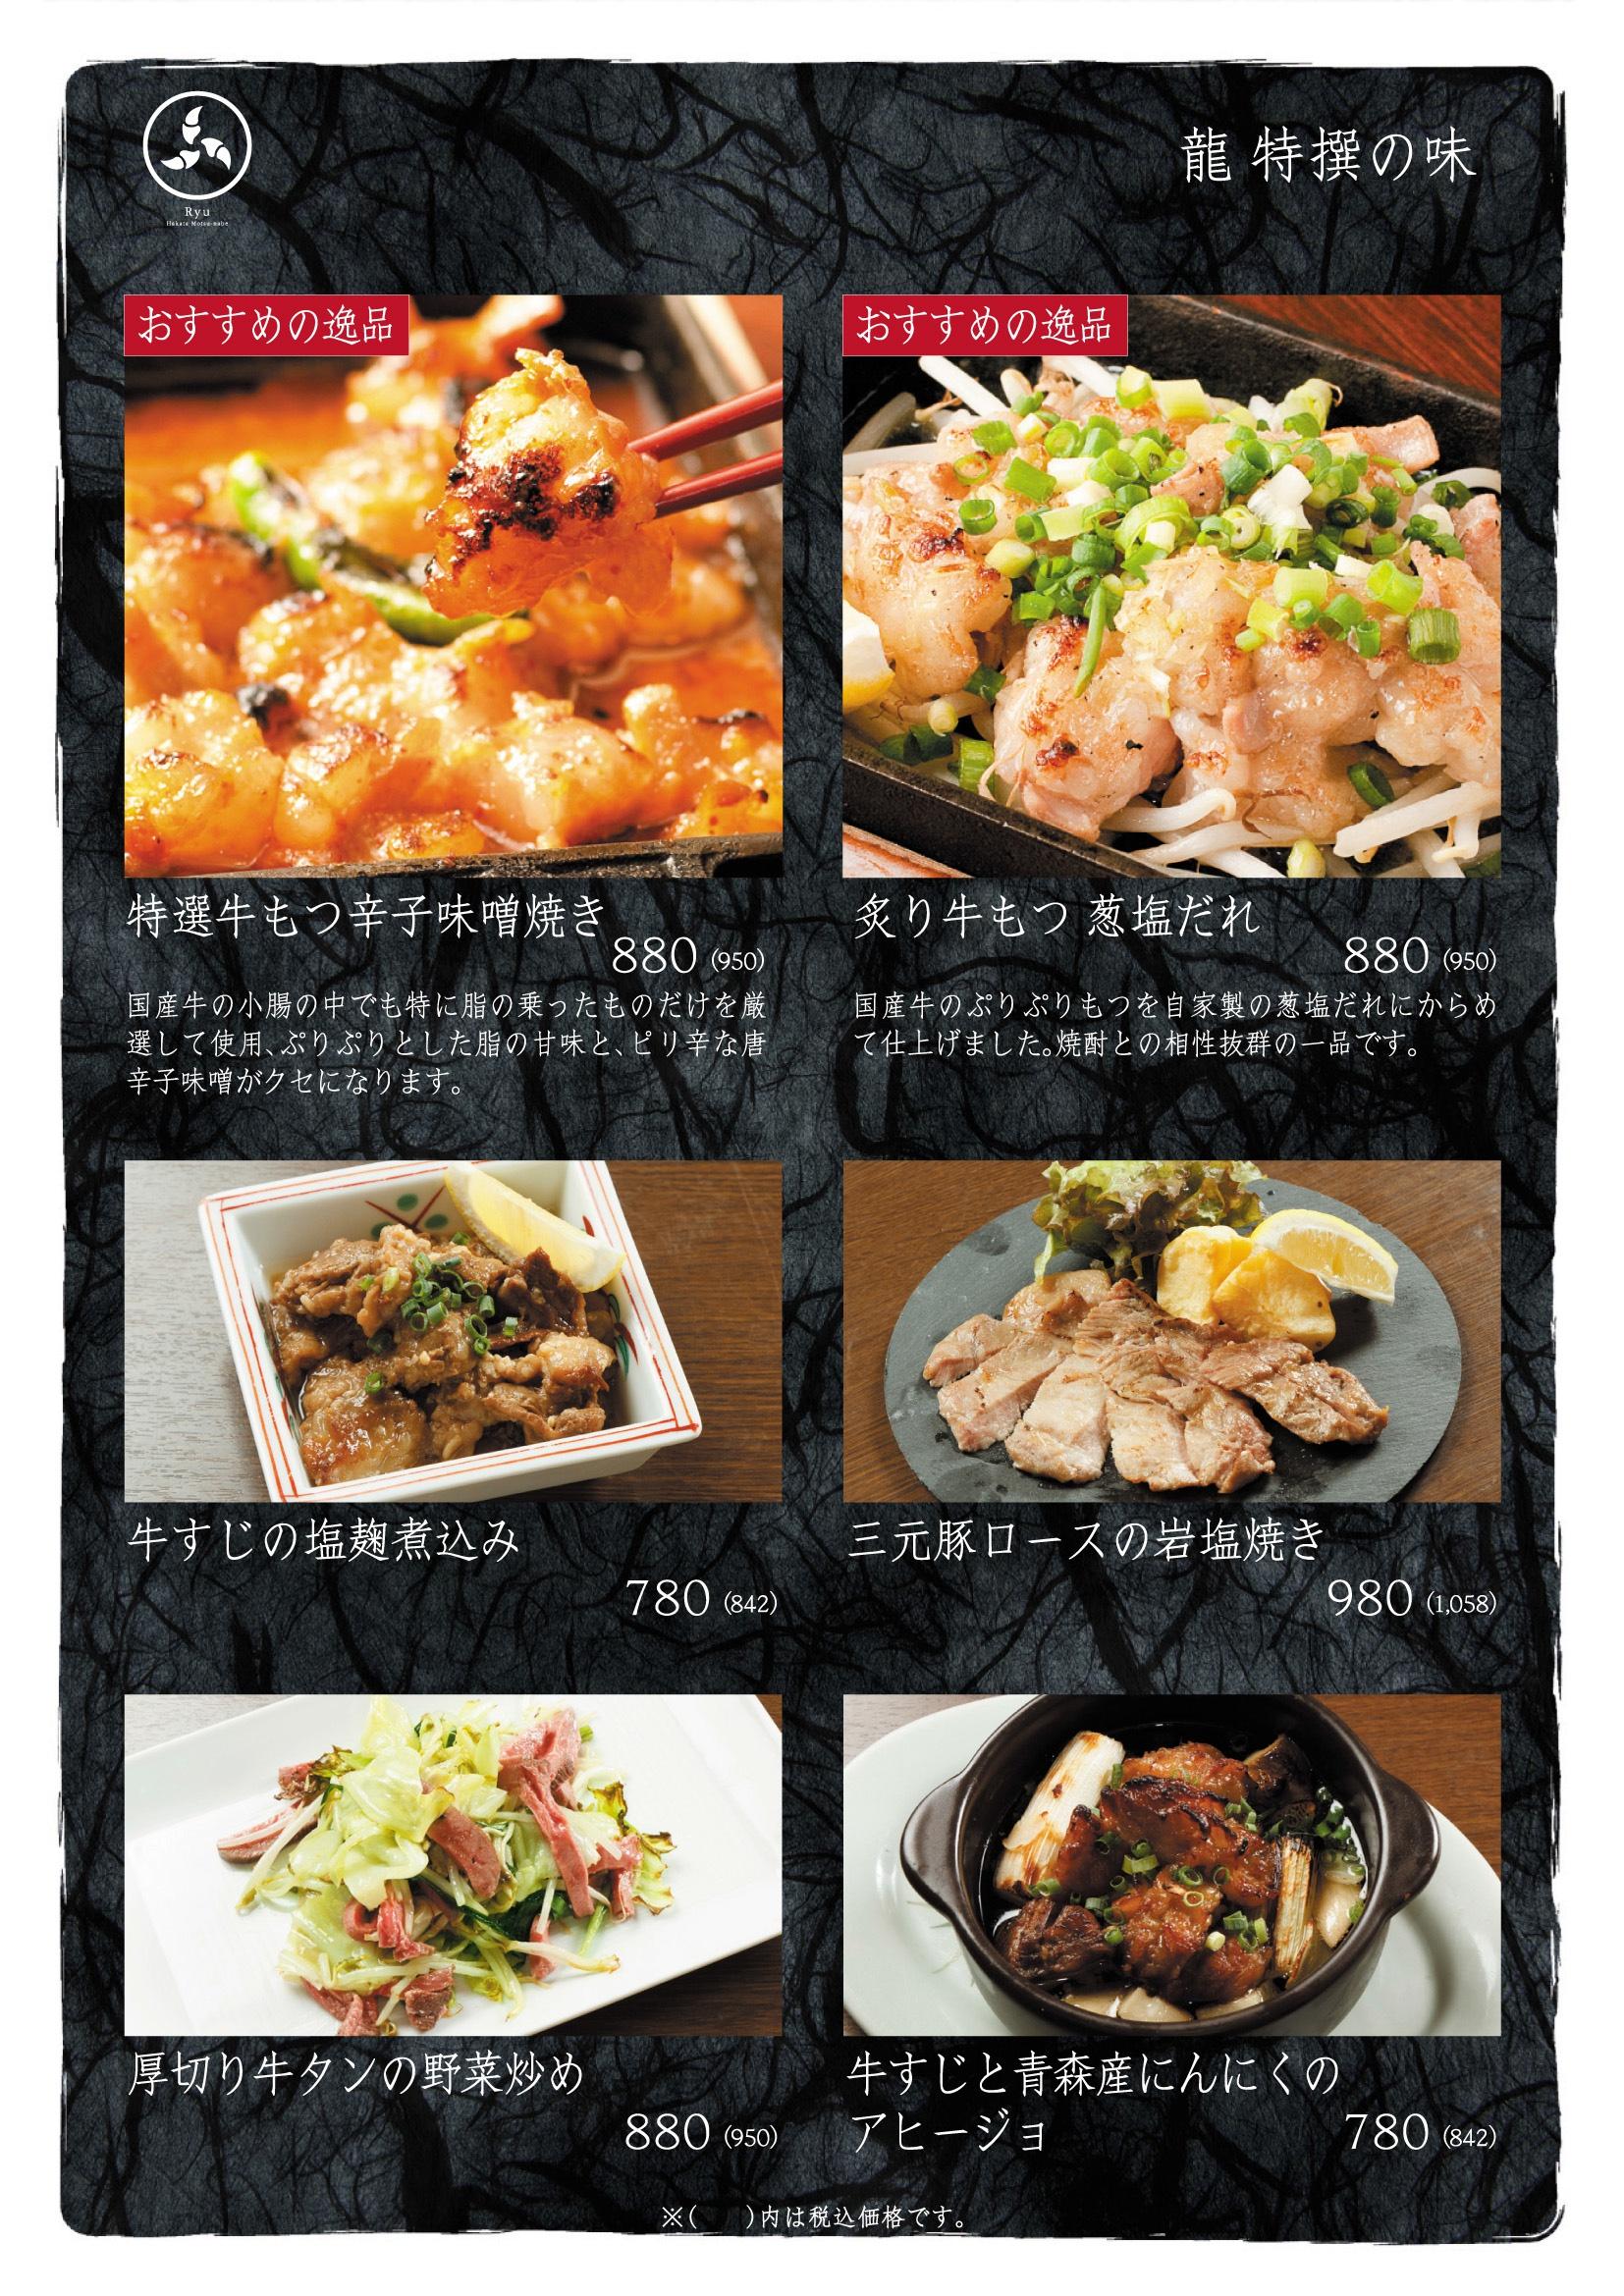 金沢市,金沢,もつ鍋,宴会,忘年会,新年会,飲み放題,近江町,むさし,居酒屋